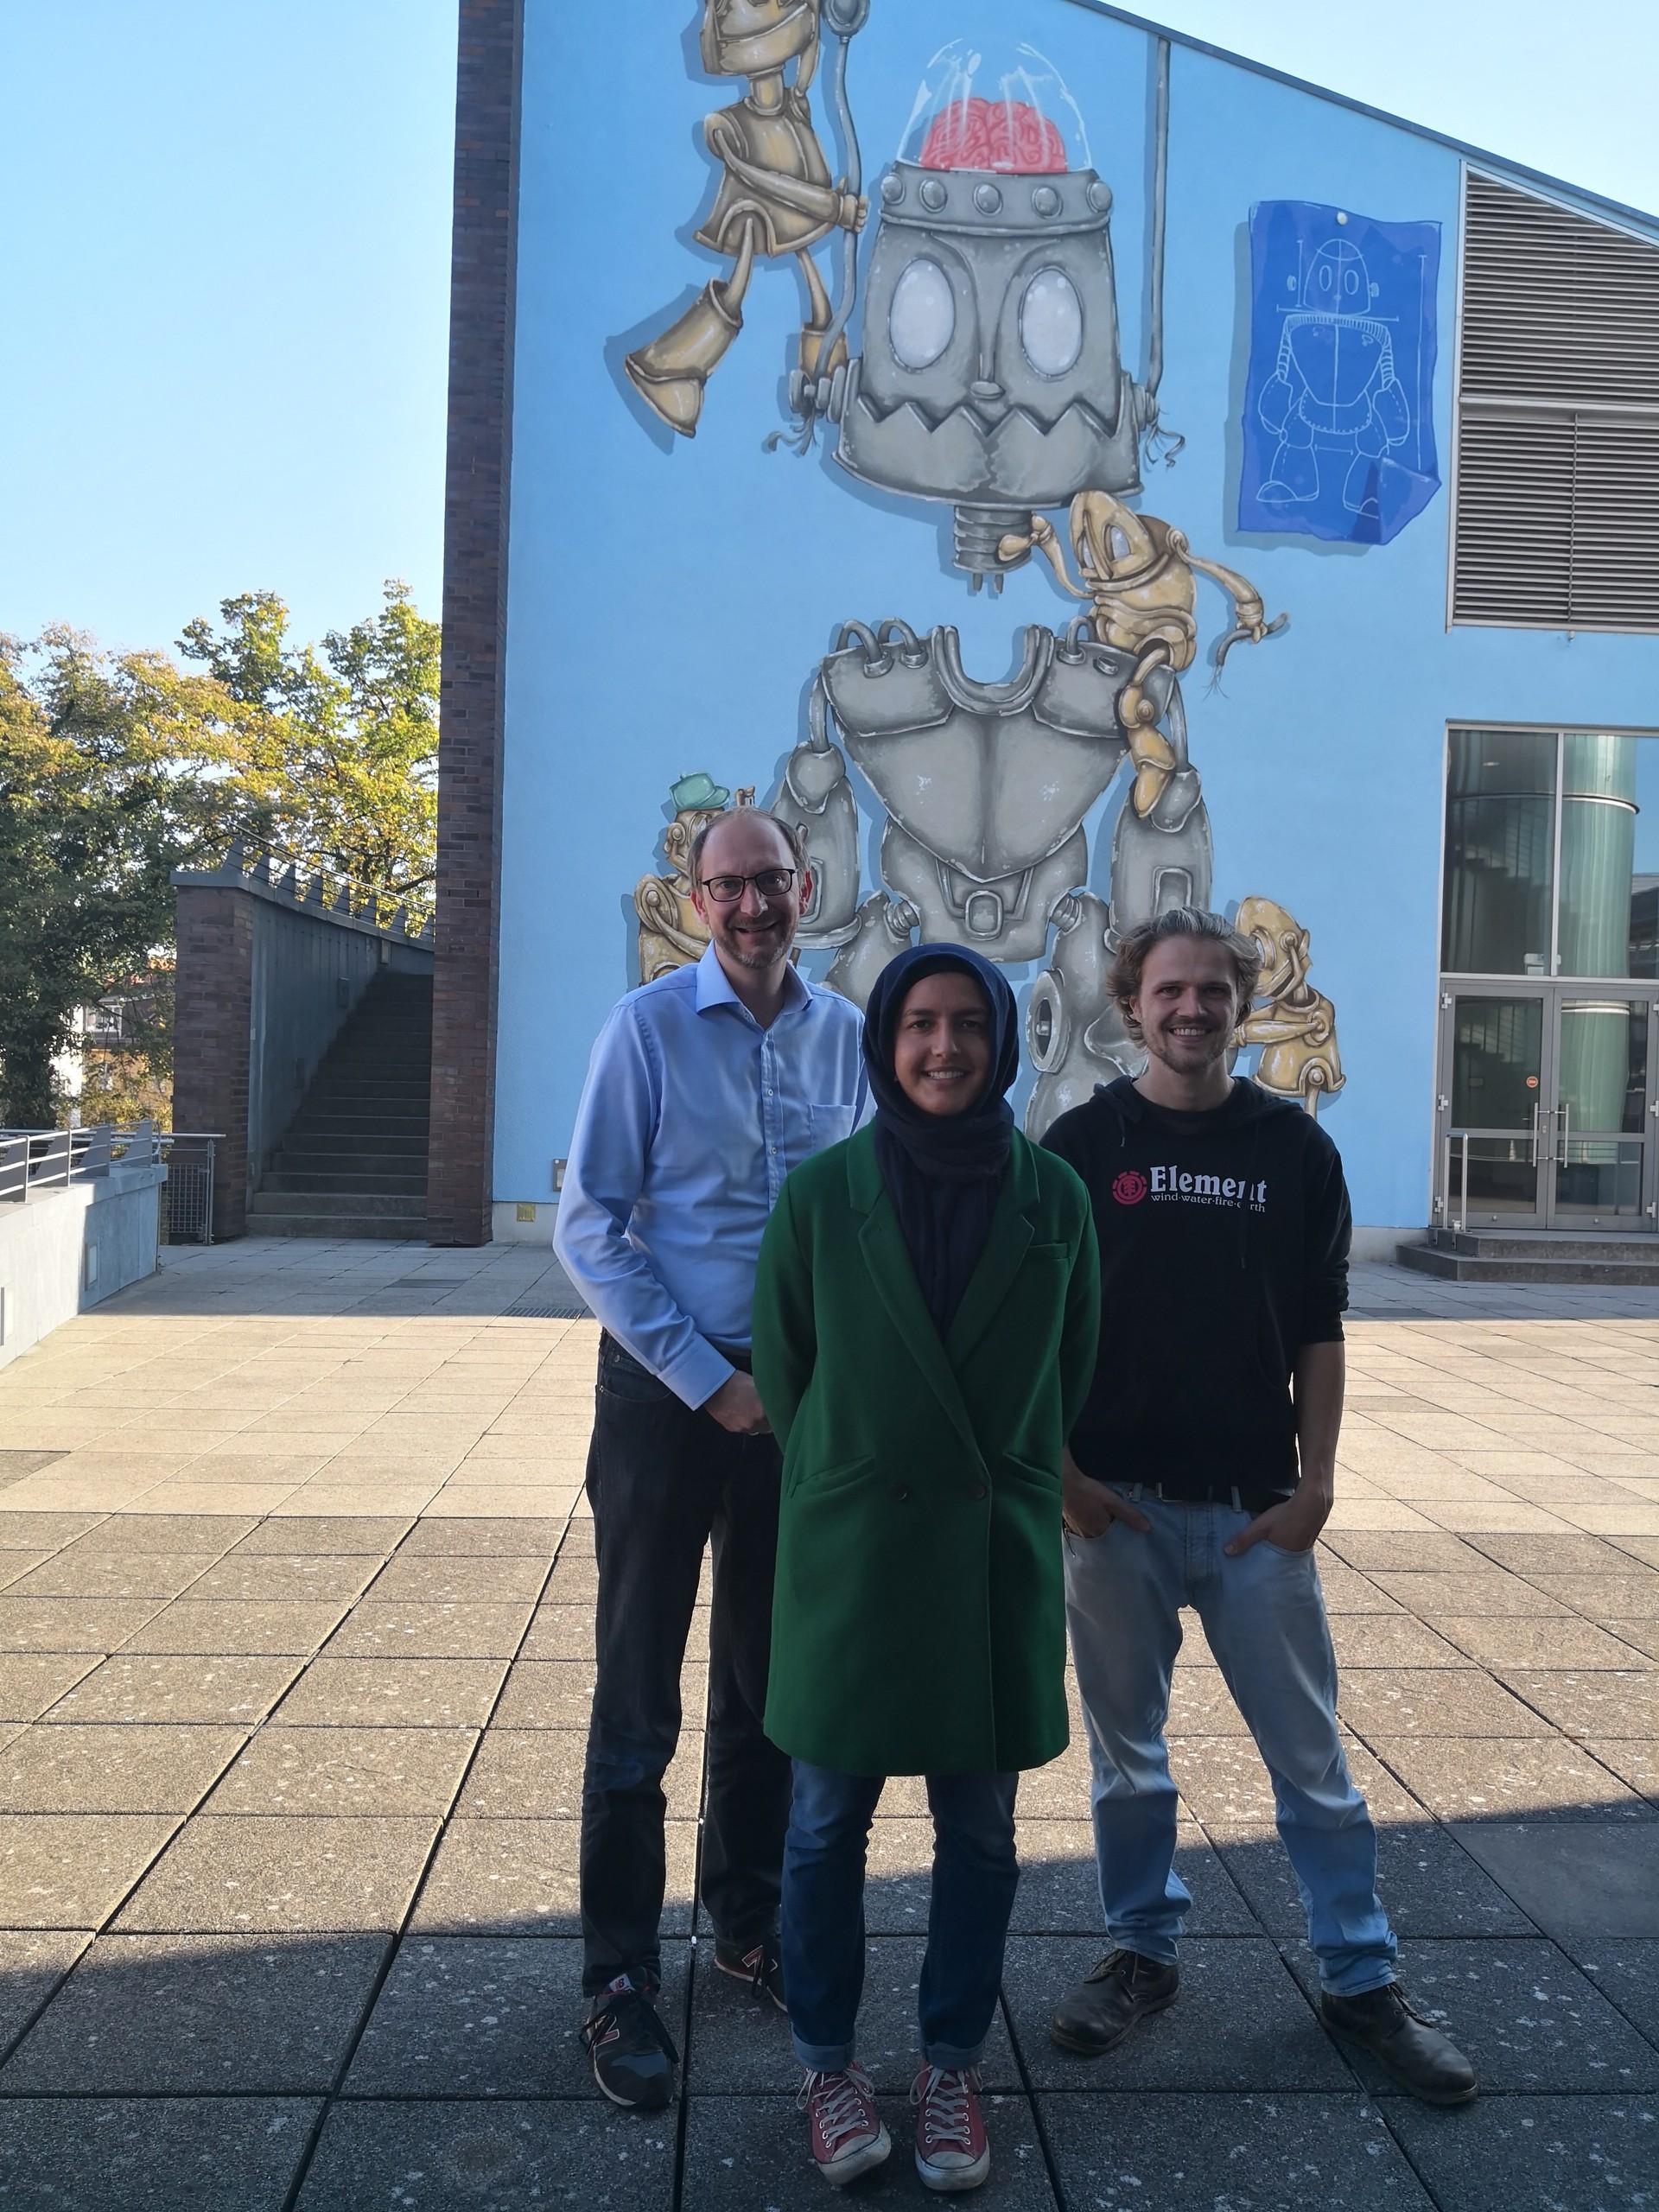 TUHH -Dr. Ralf Grote Labiba Ahmed und Konstantin Lafermann vor einem Teil des Kunstwerkes.